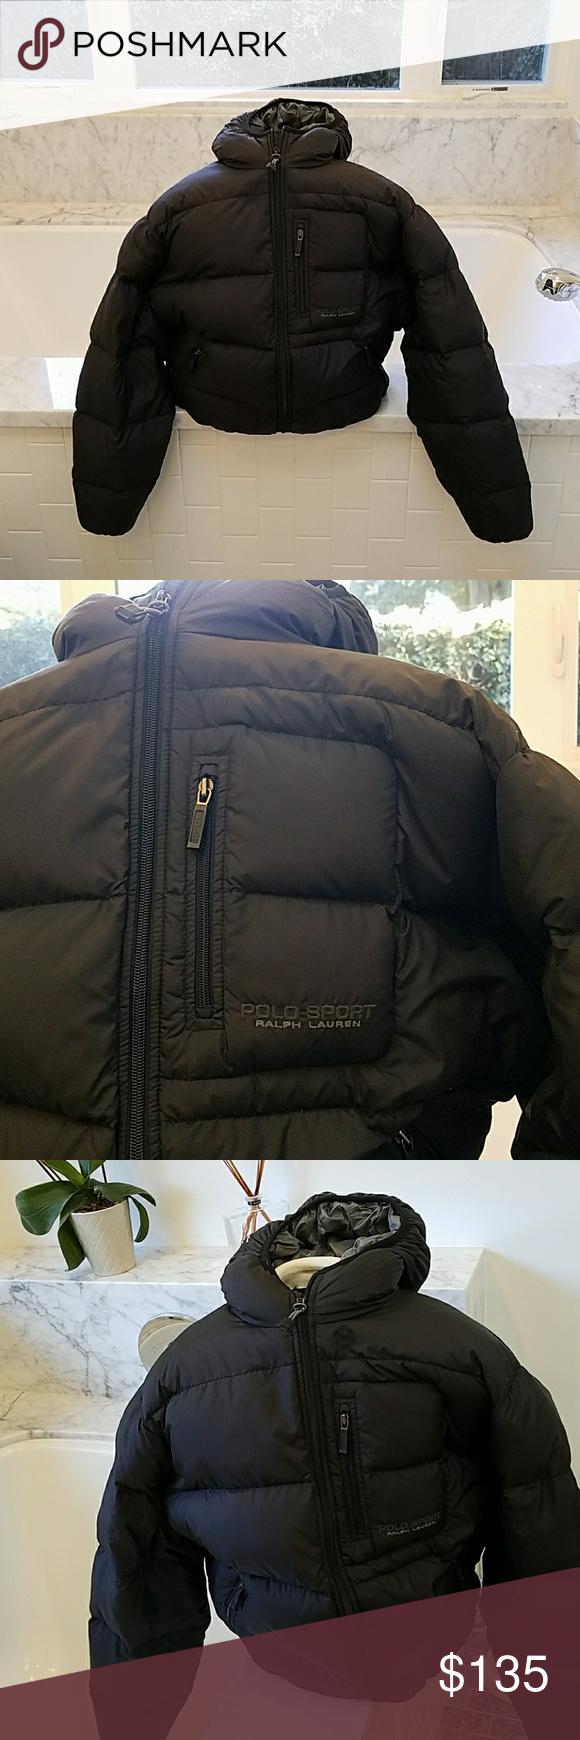 Ralph Lauren Polo Sport Down Puffer Jacket Polo Ralph Lauren Puffer Jackets Jackets [ 1740 x 580 Pixel ]